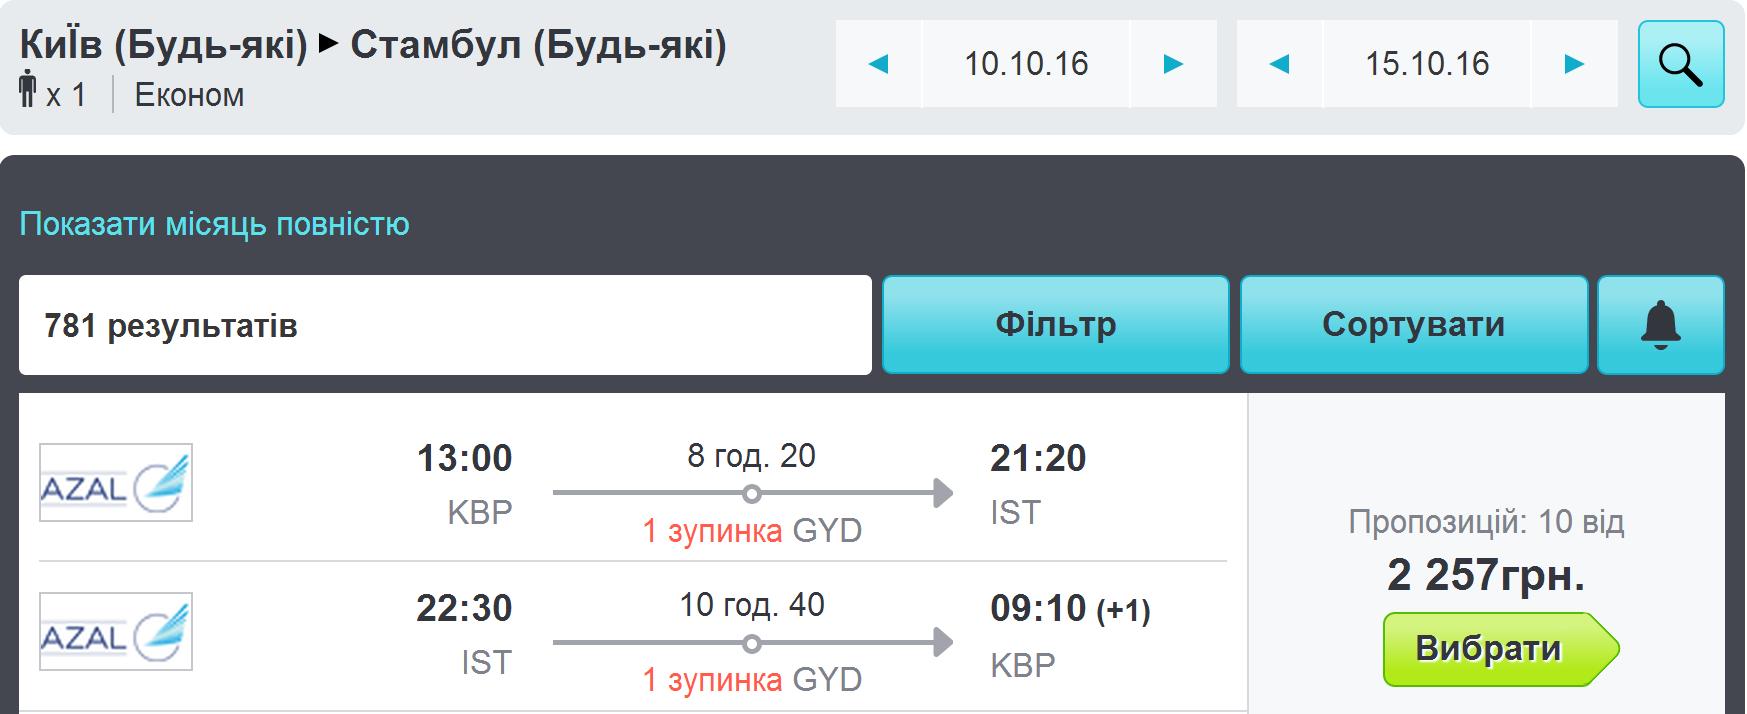 Авиабилеты дешево киев-тбилиси билет на самолет алтай